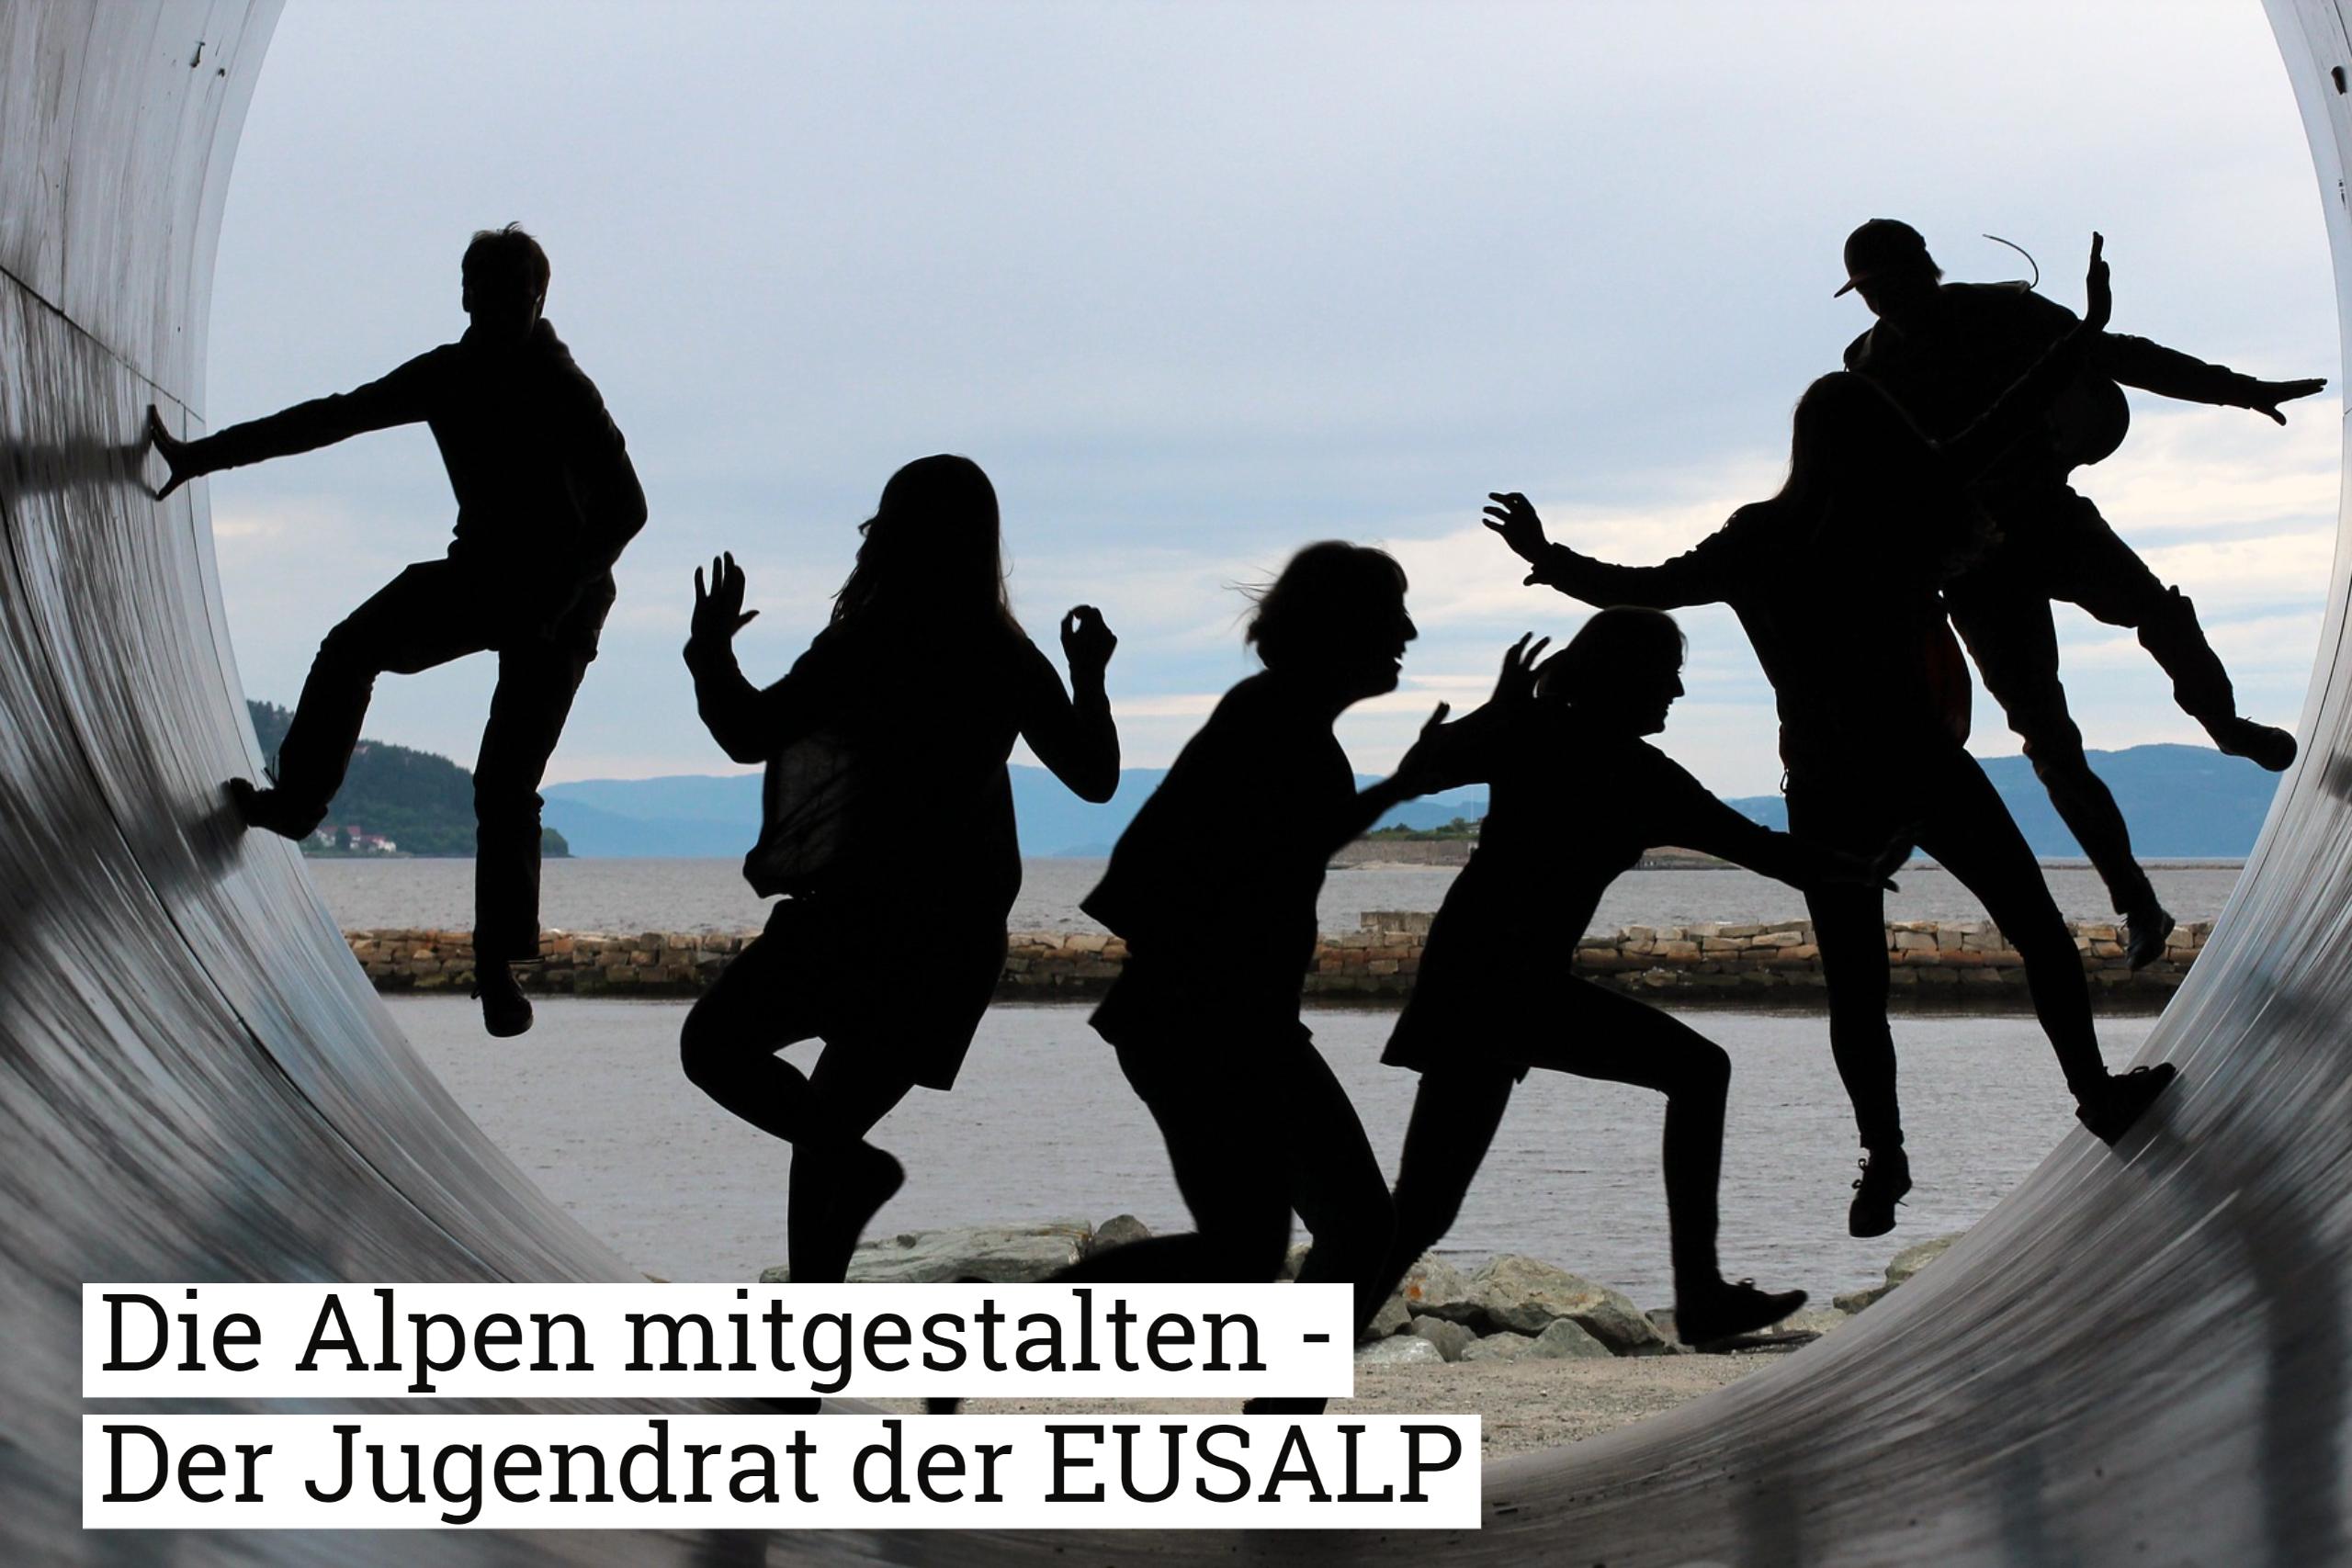 Die Alpen mitgestalten – Der Jugendrat der EUSALP